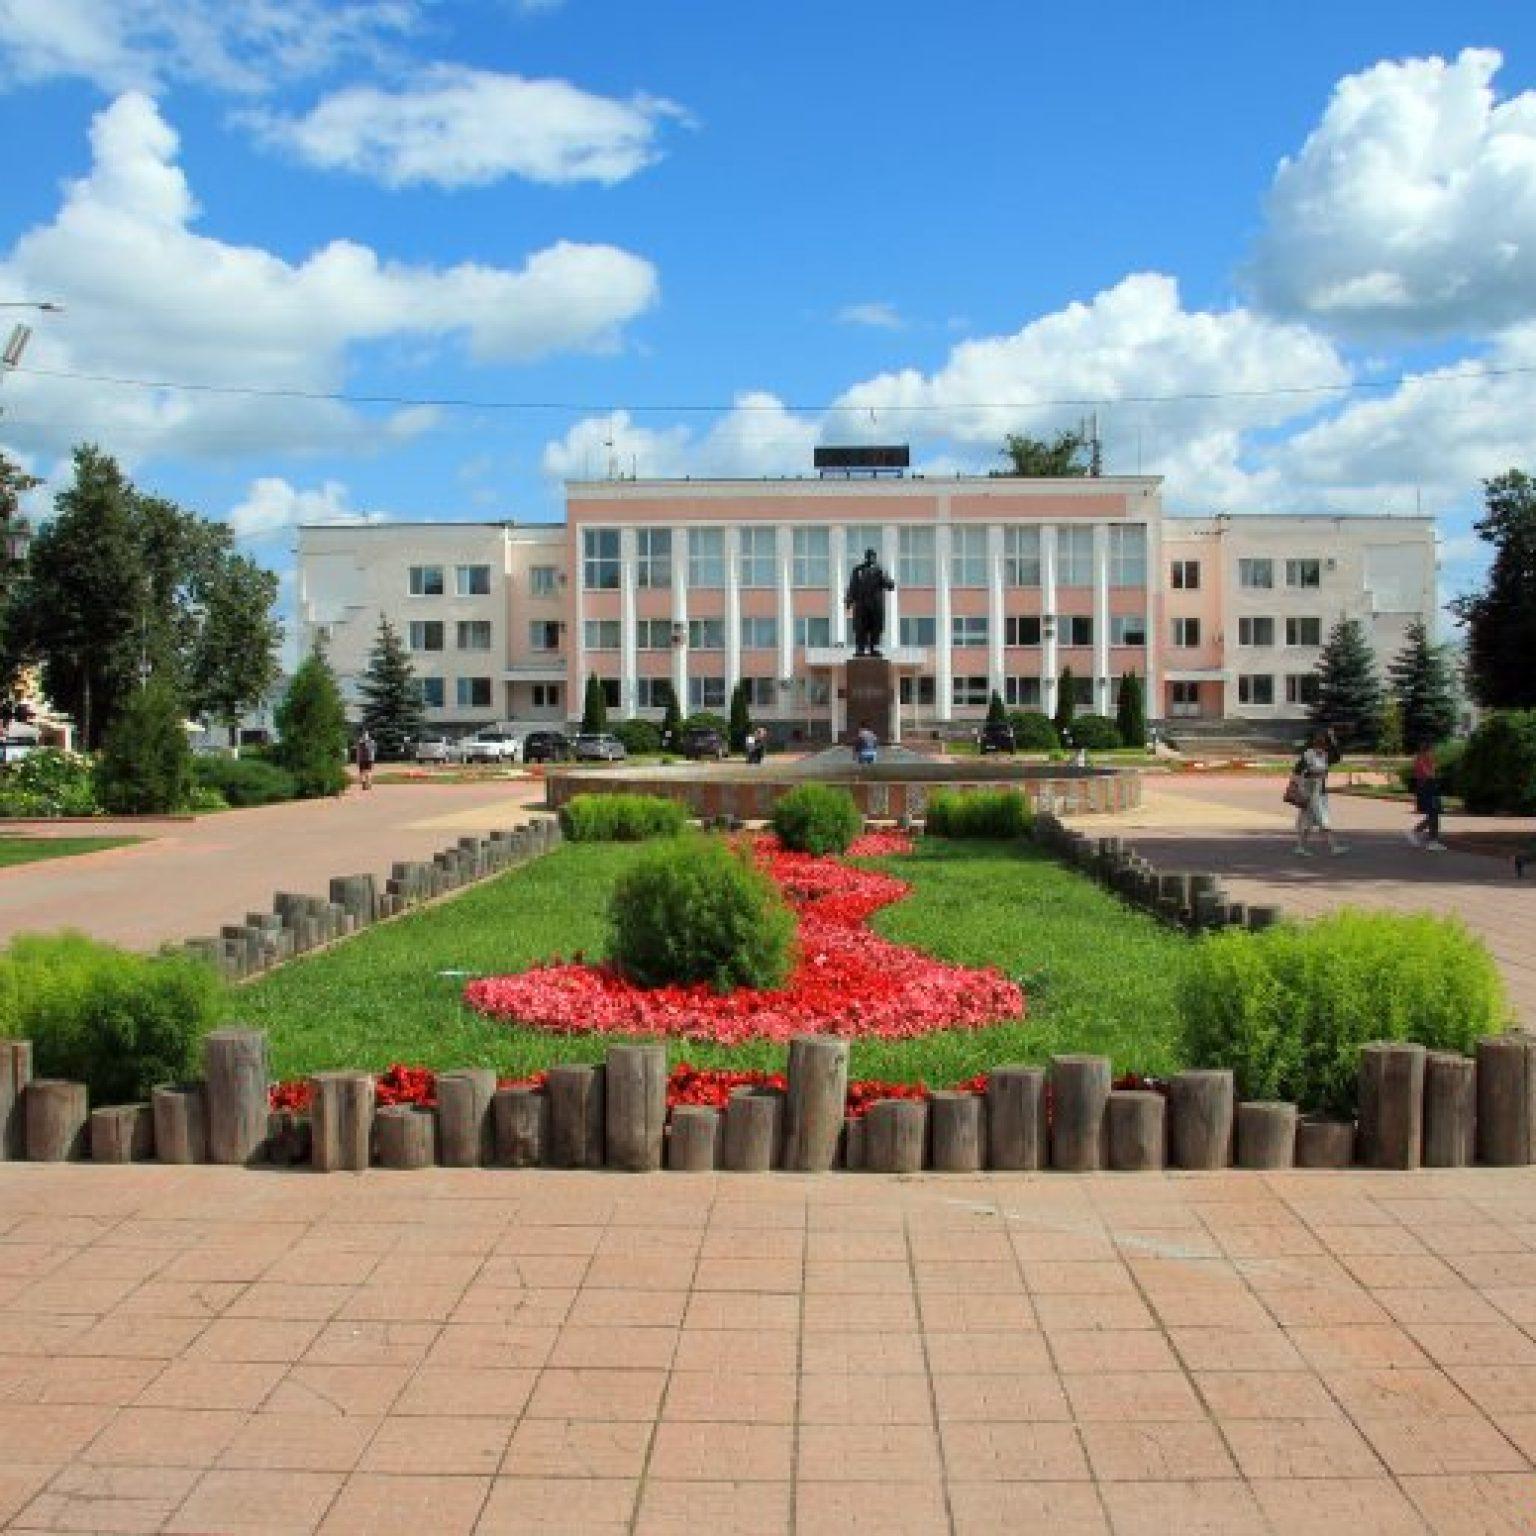 Достопримечательности Мурома: Площадь 1100-летия Мурома